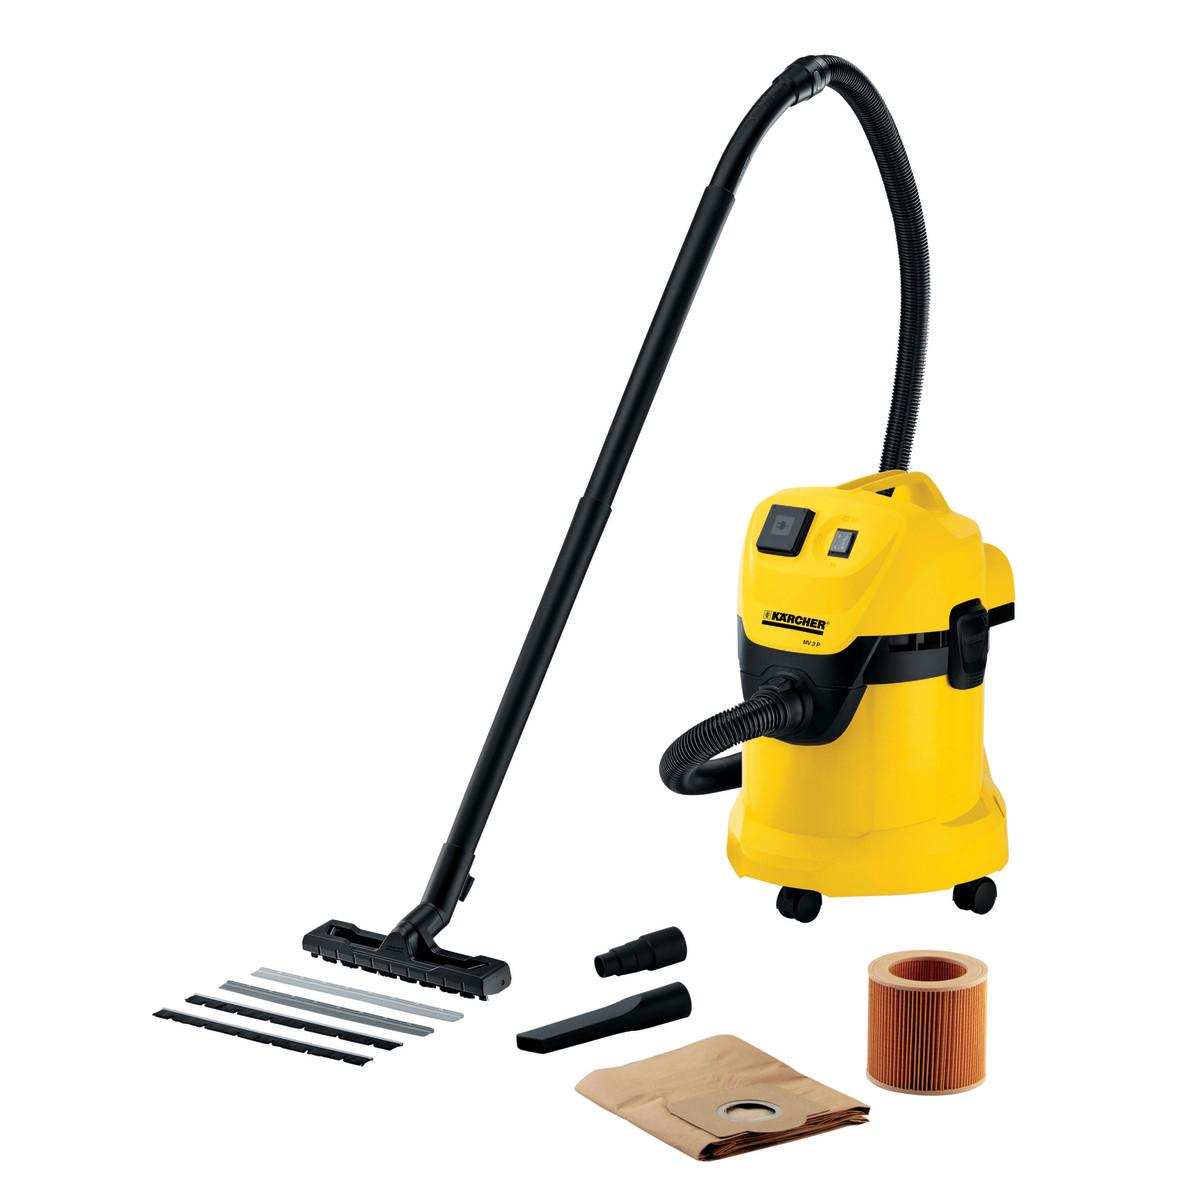 k rcher ad aspiratore senza sacchetto 17l 1200w nero giallo prezzo e offerte sottocosto. Black Bedroom Furniture Sets. Home Design Ideas